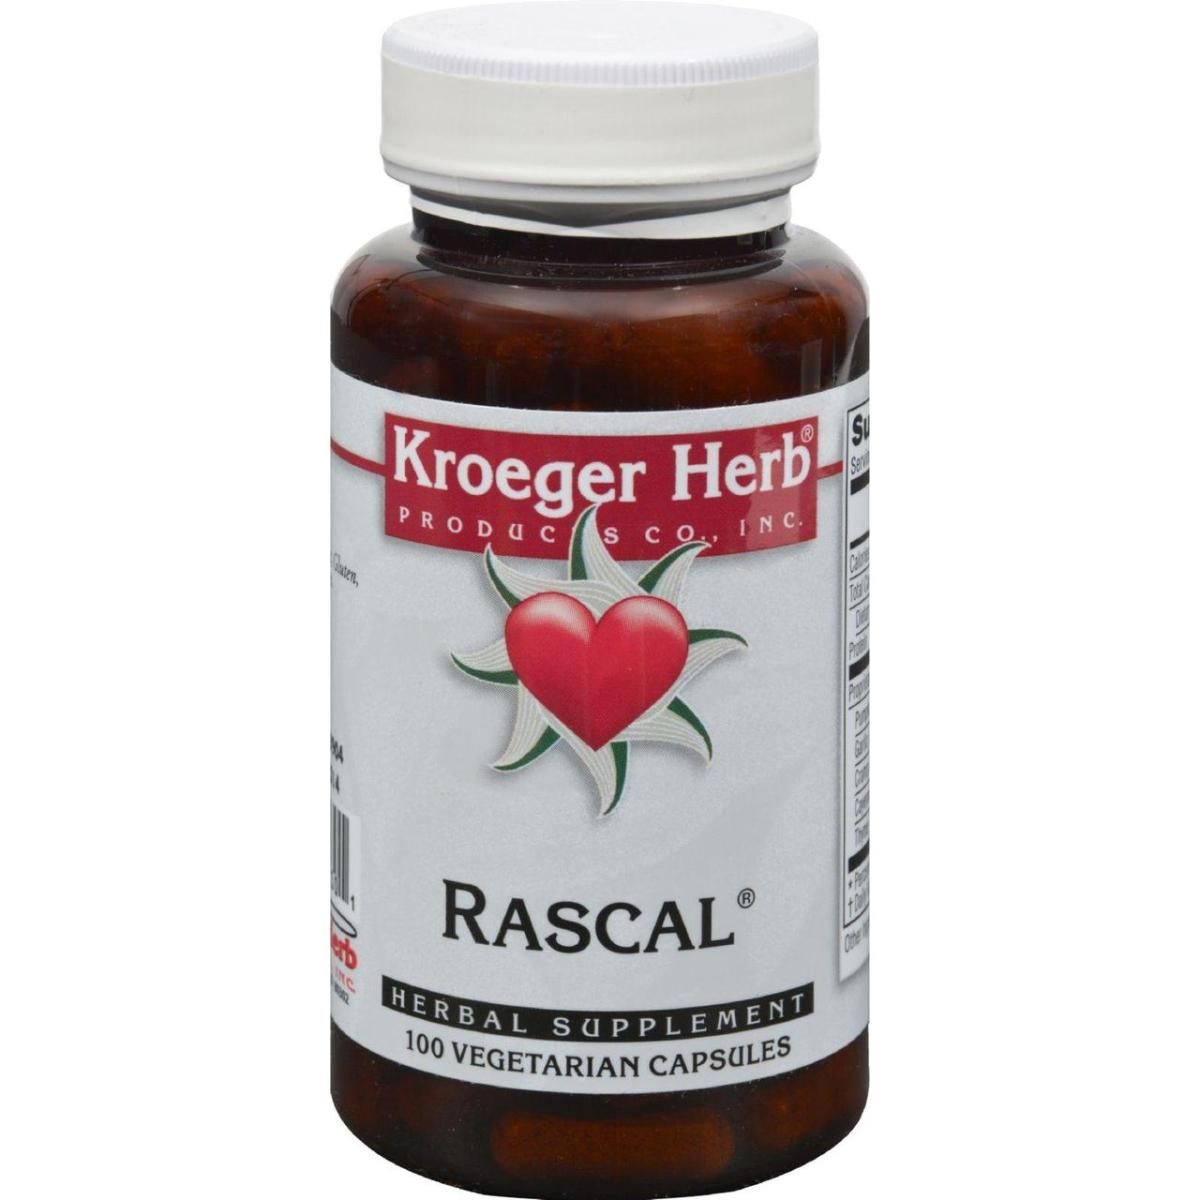 Kroeger Herb HG0420331 Rascal - 100 Capsules